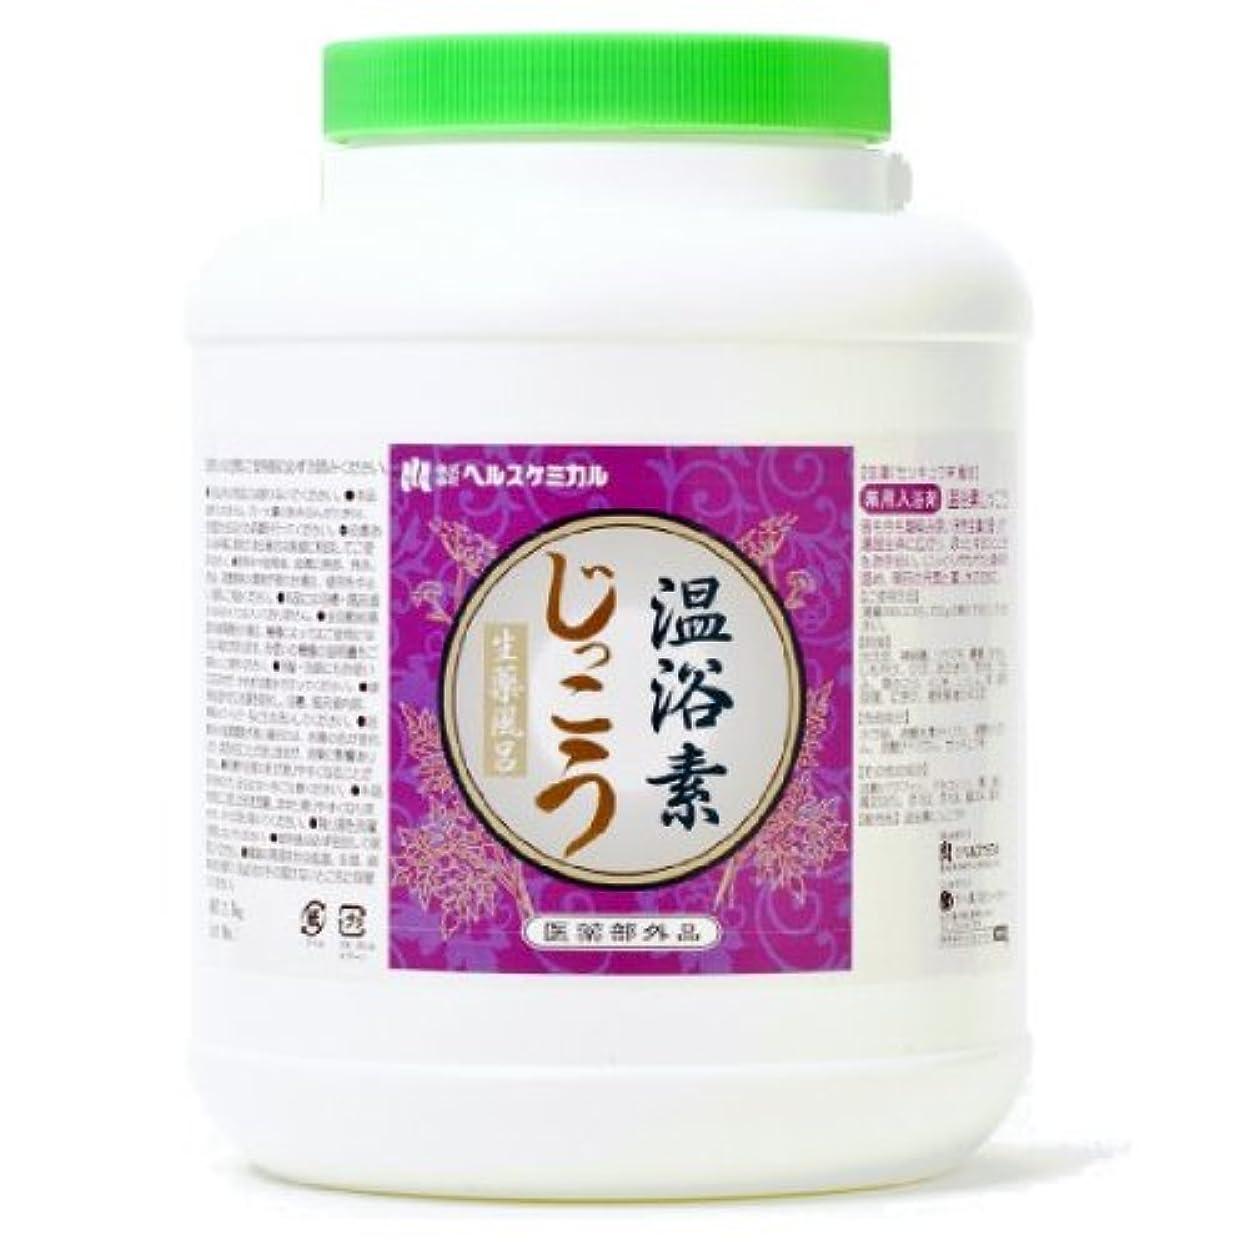 サラミ農業の導体温浴素 じっこう 2.5kg 約125回分 粉末 生薬 薬湯 医薬部外品 ロングセラー 天然生薬 の 香り